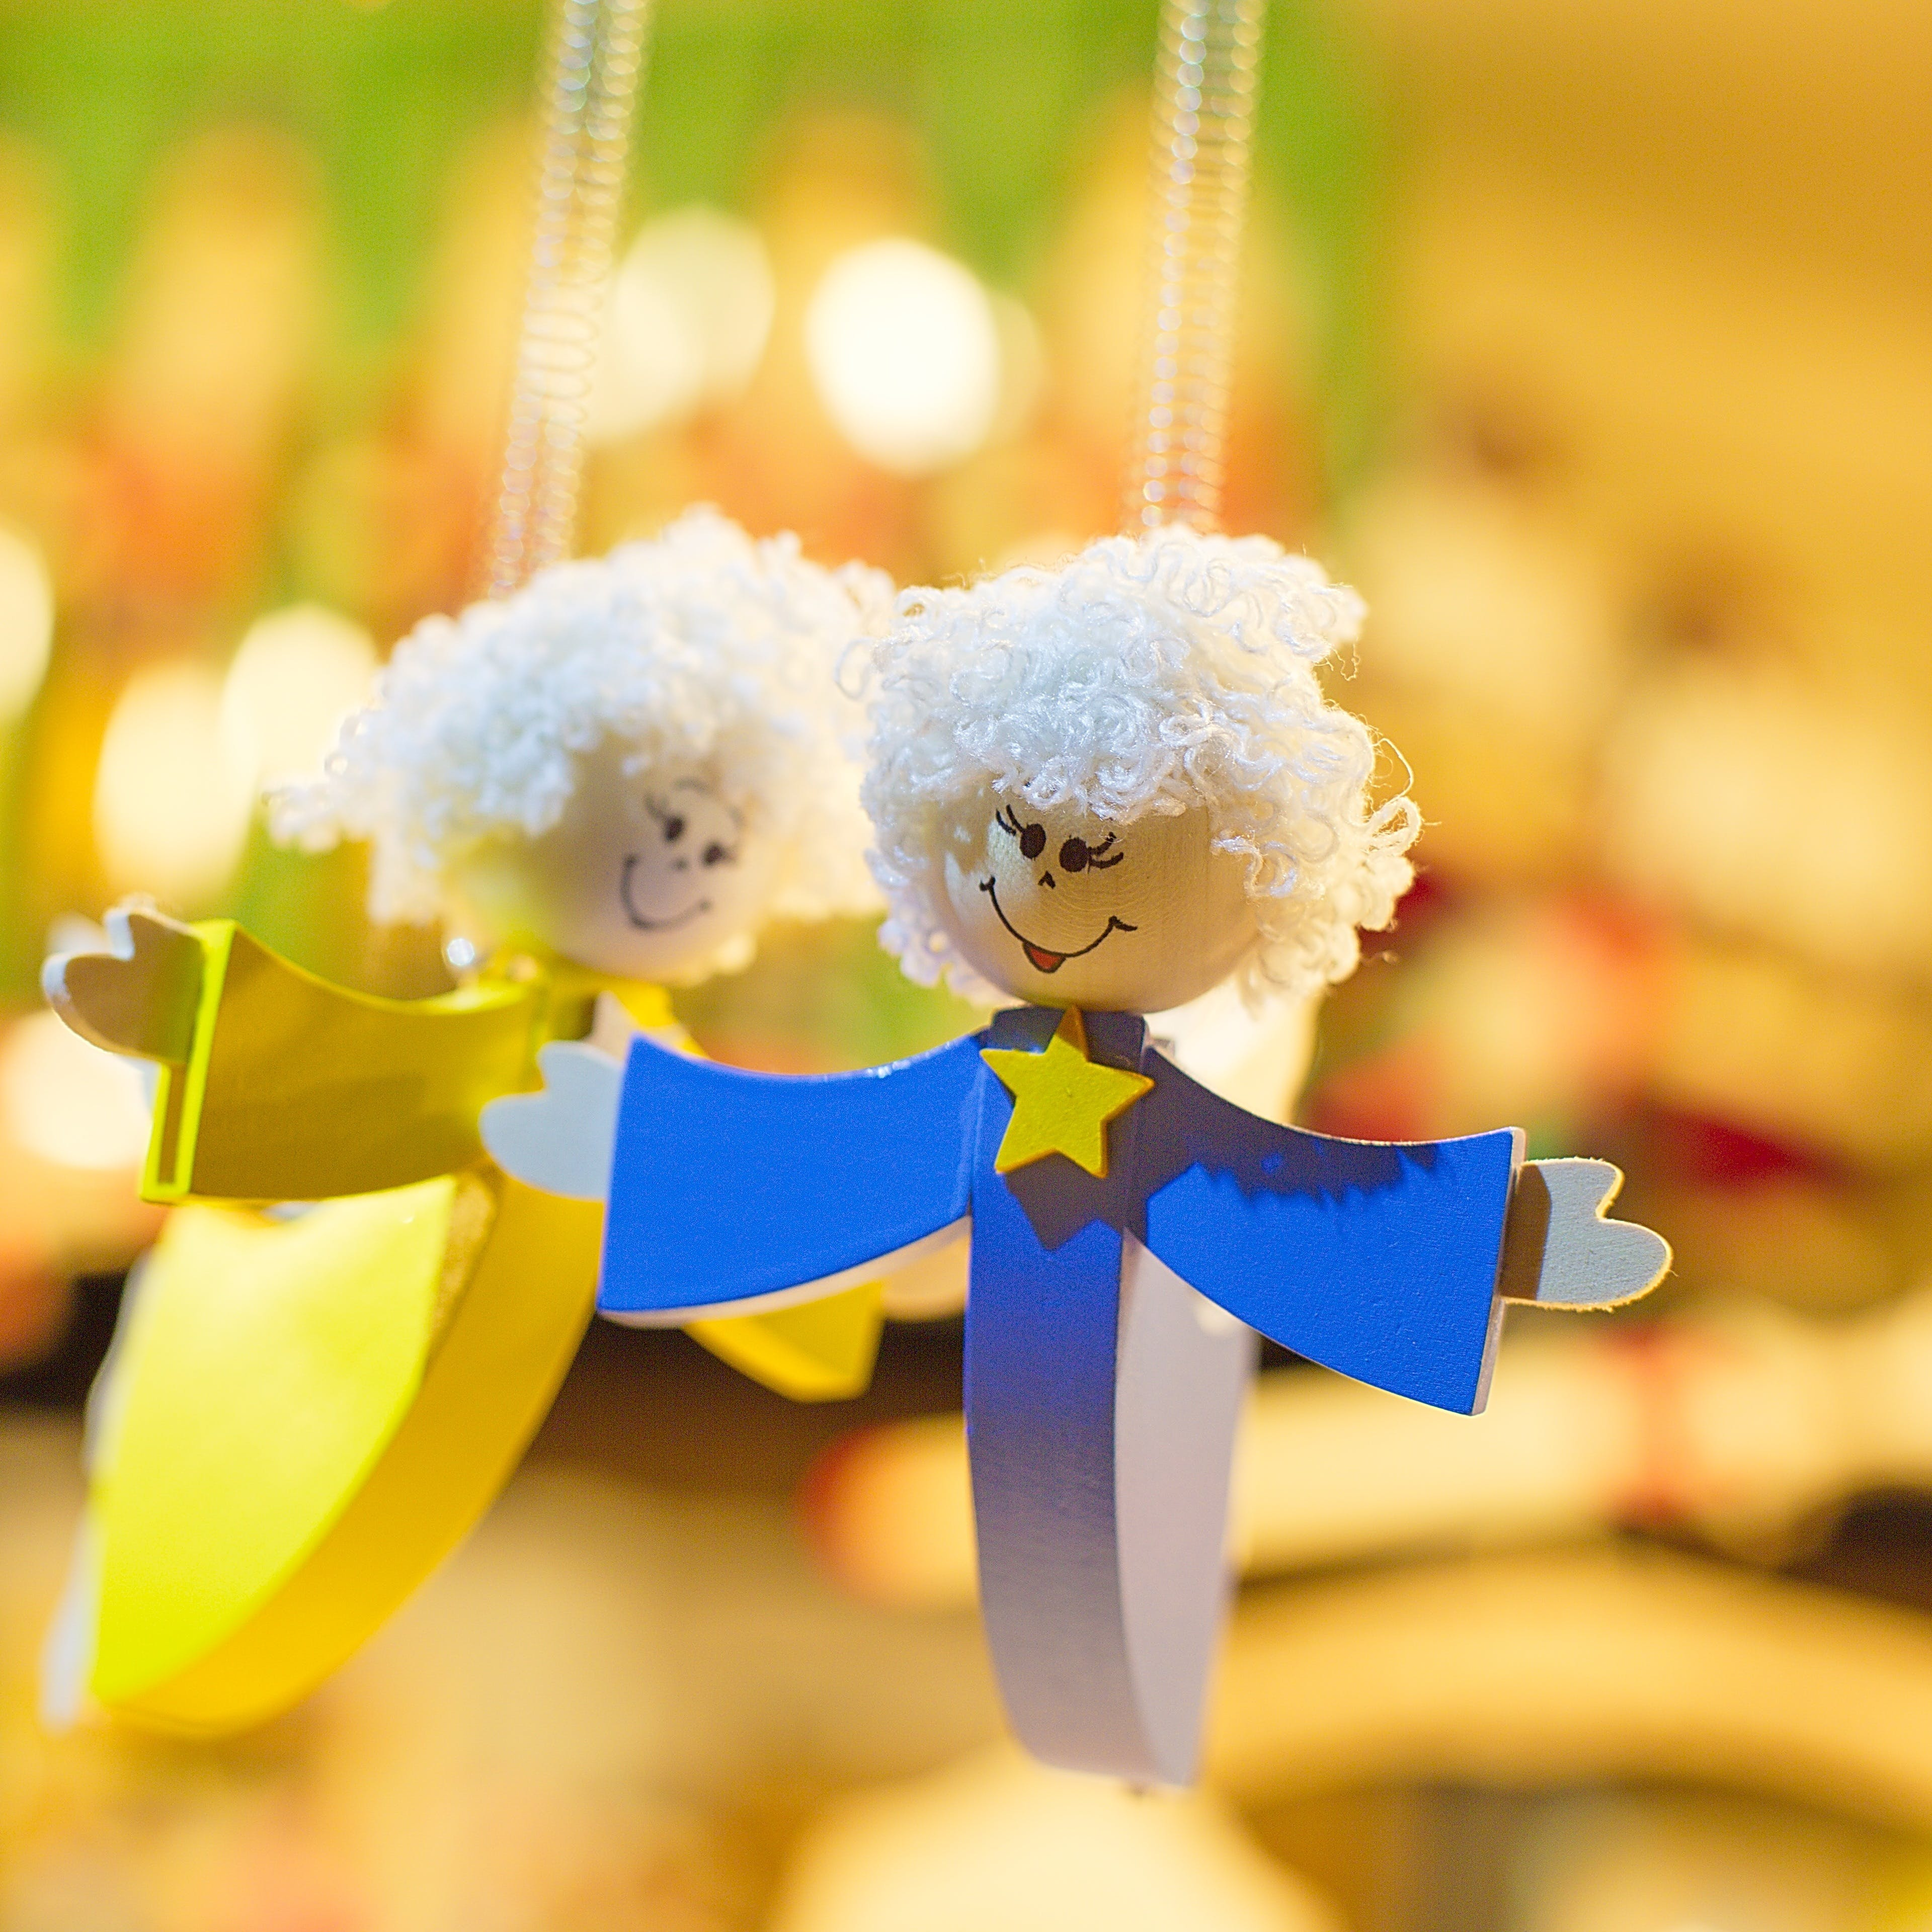 Angel Woman in Blue Dress Pendant Near Angel Woman in Yellow Dress Pendant